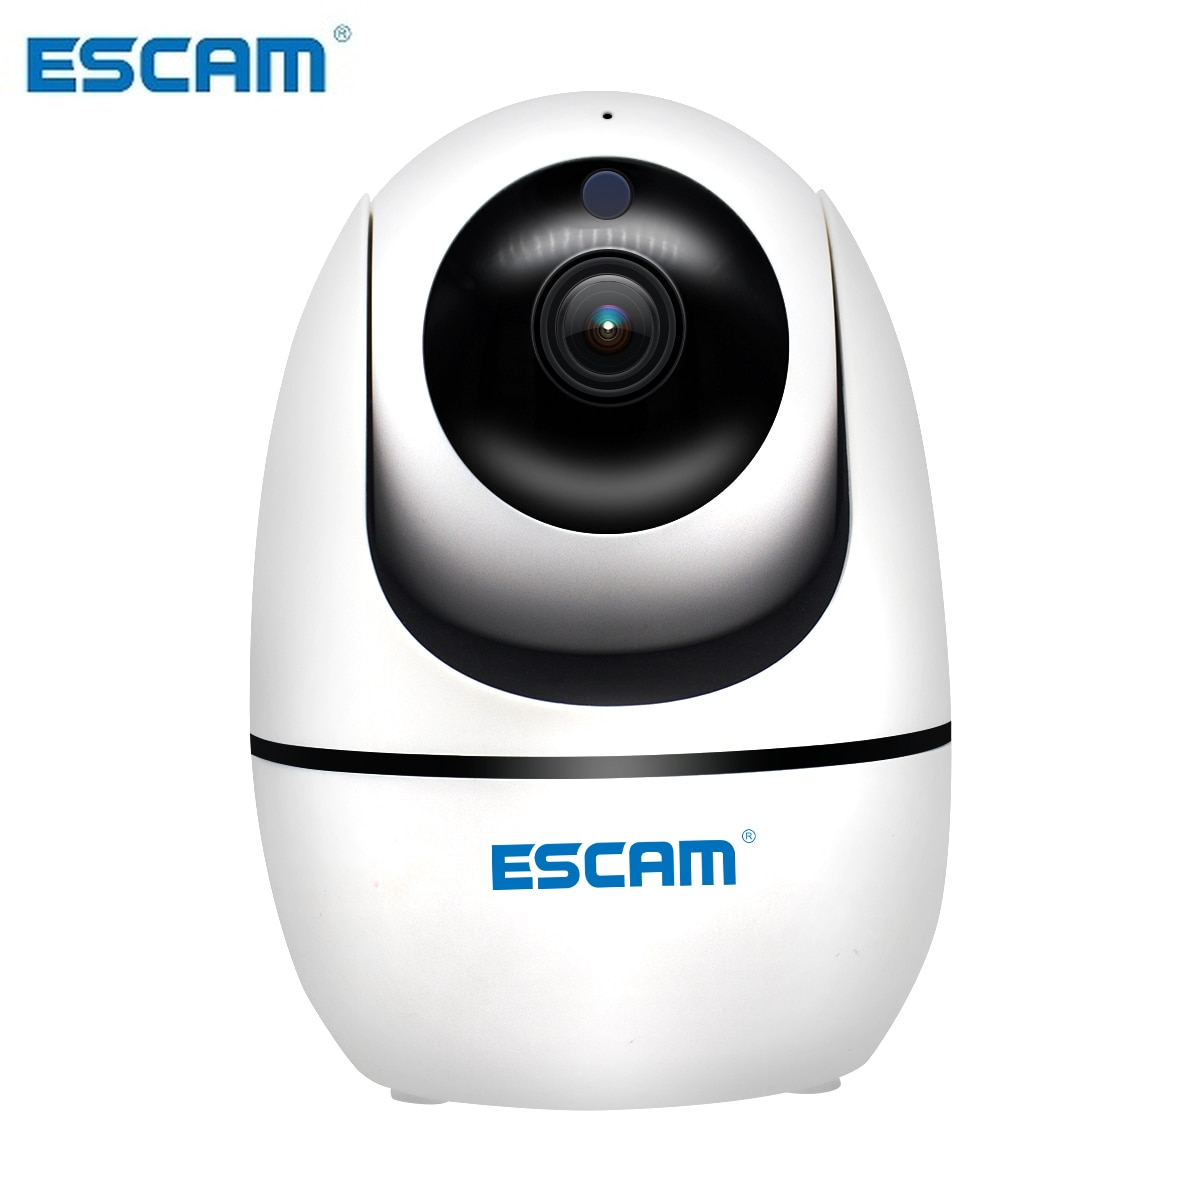 Escam pvr008 h.265 rastreamento automático ptz pan/telha câmera 2mp hd 1080 p visão noturna sem fio câmera ip